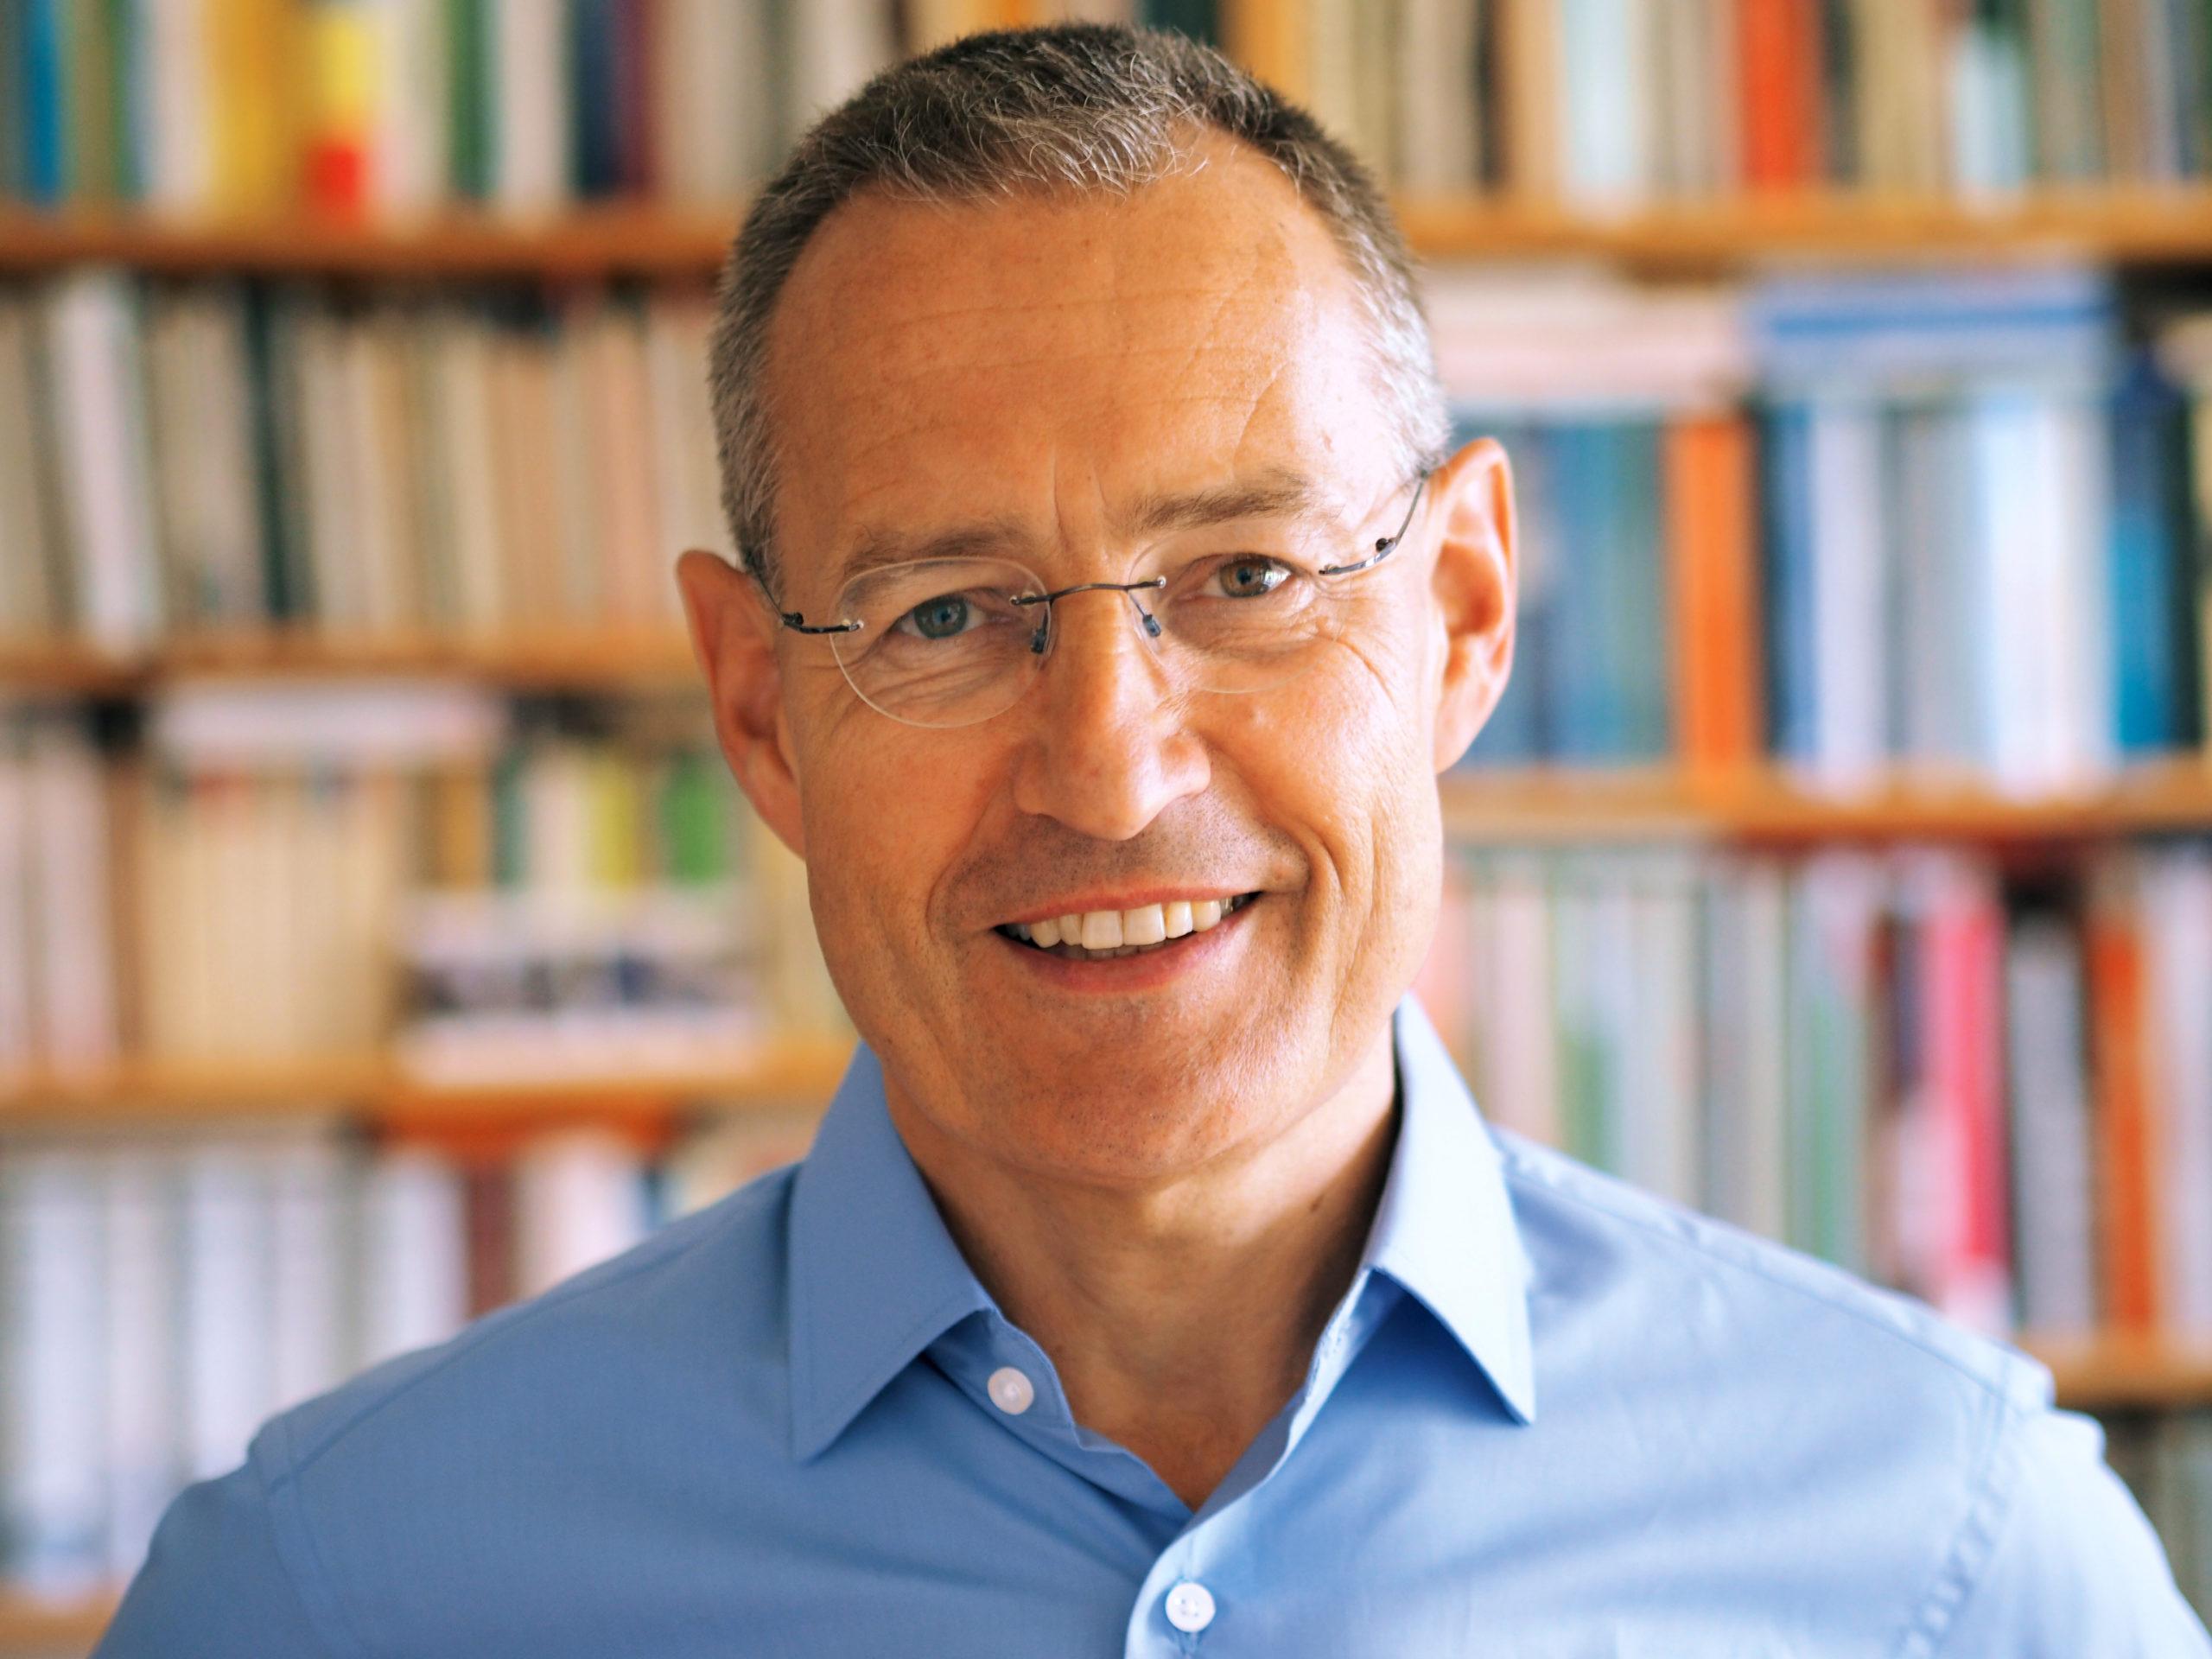 Robert Kaltenbrunner